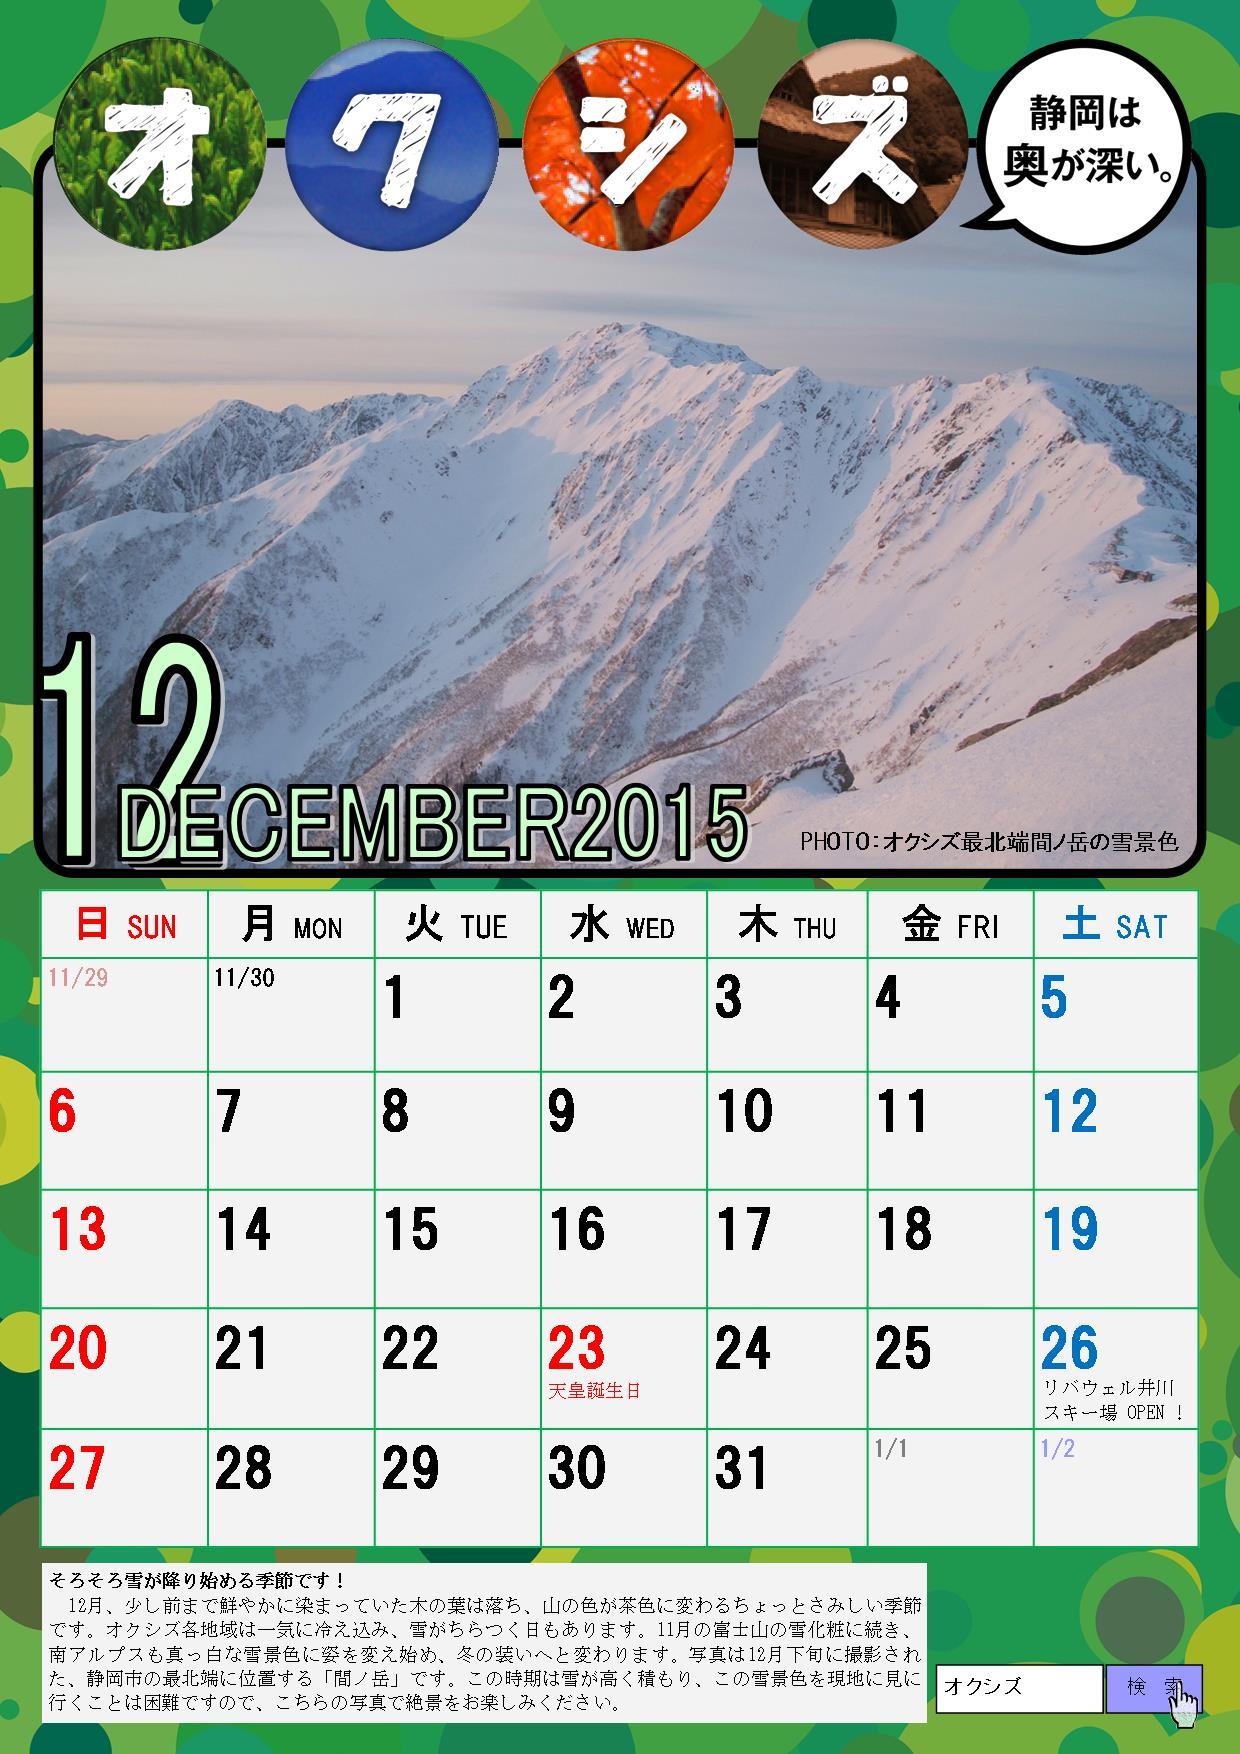 OKU-SIZ calendar December. jpg